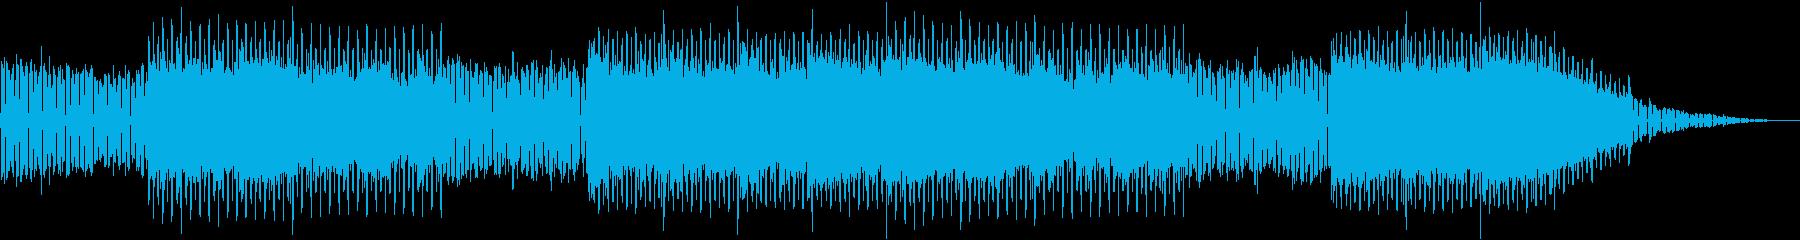 未来感を感じられるファンクの再生済みの波形